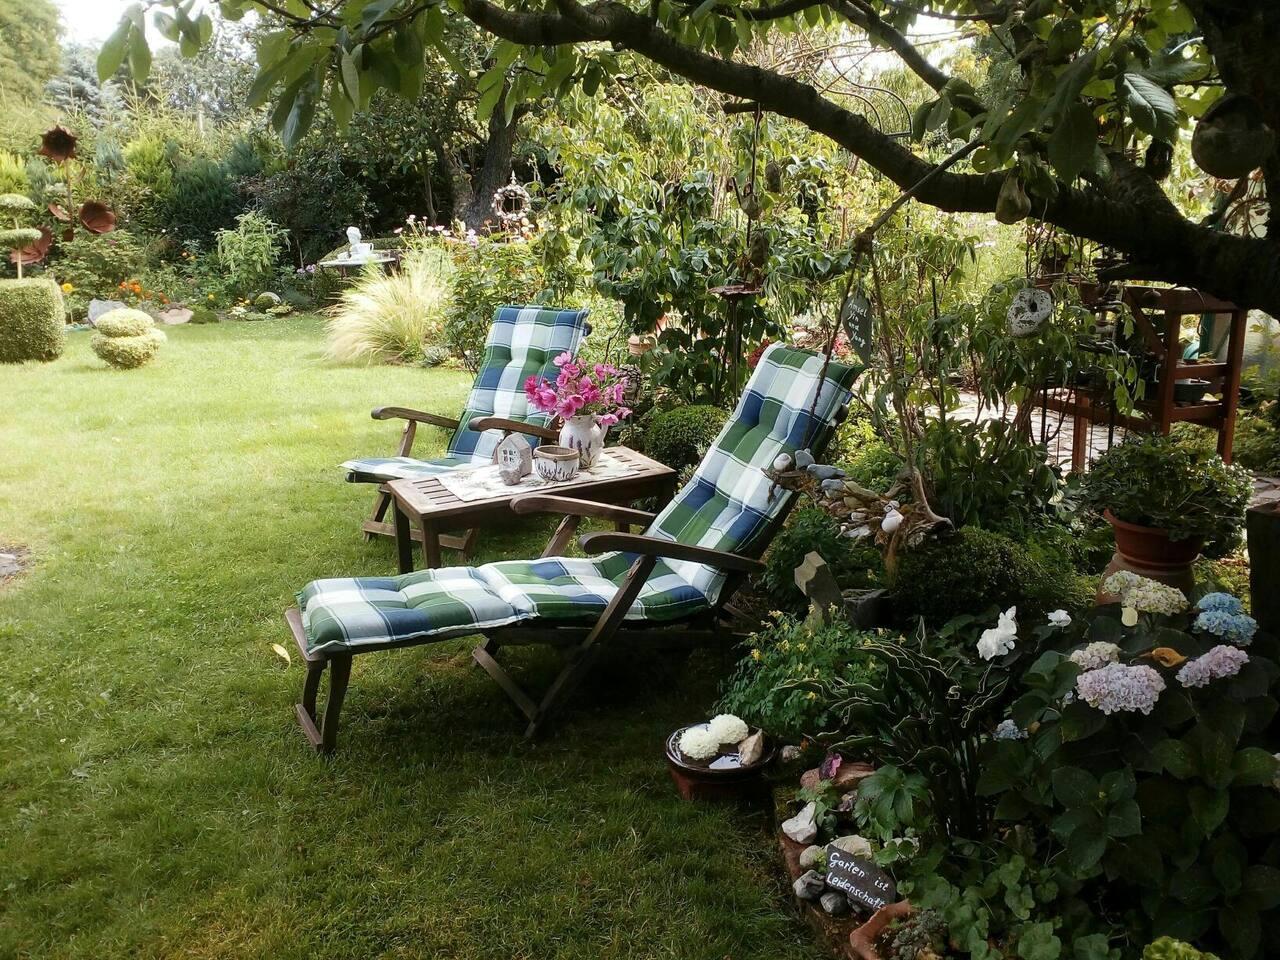 Liegewiese im Garten